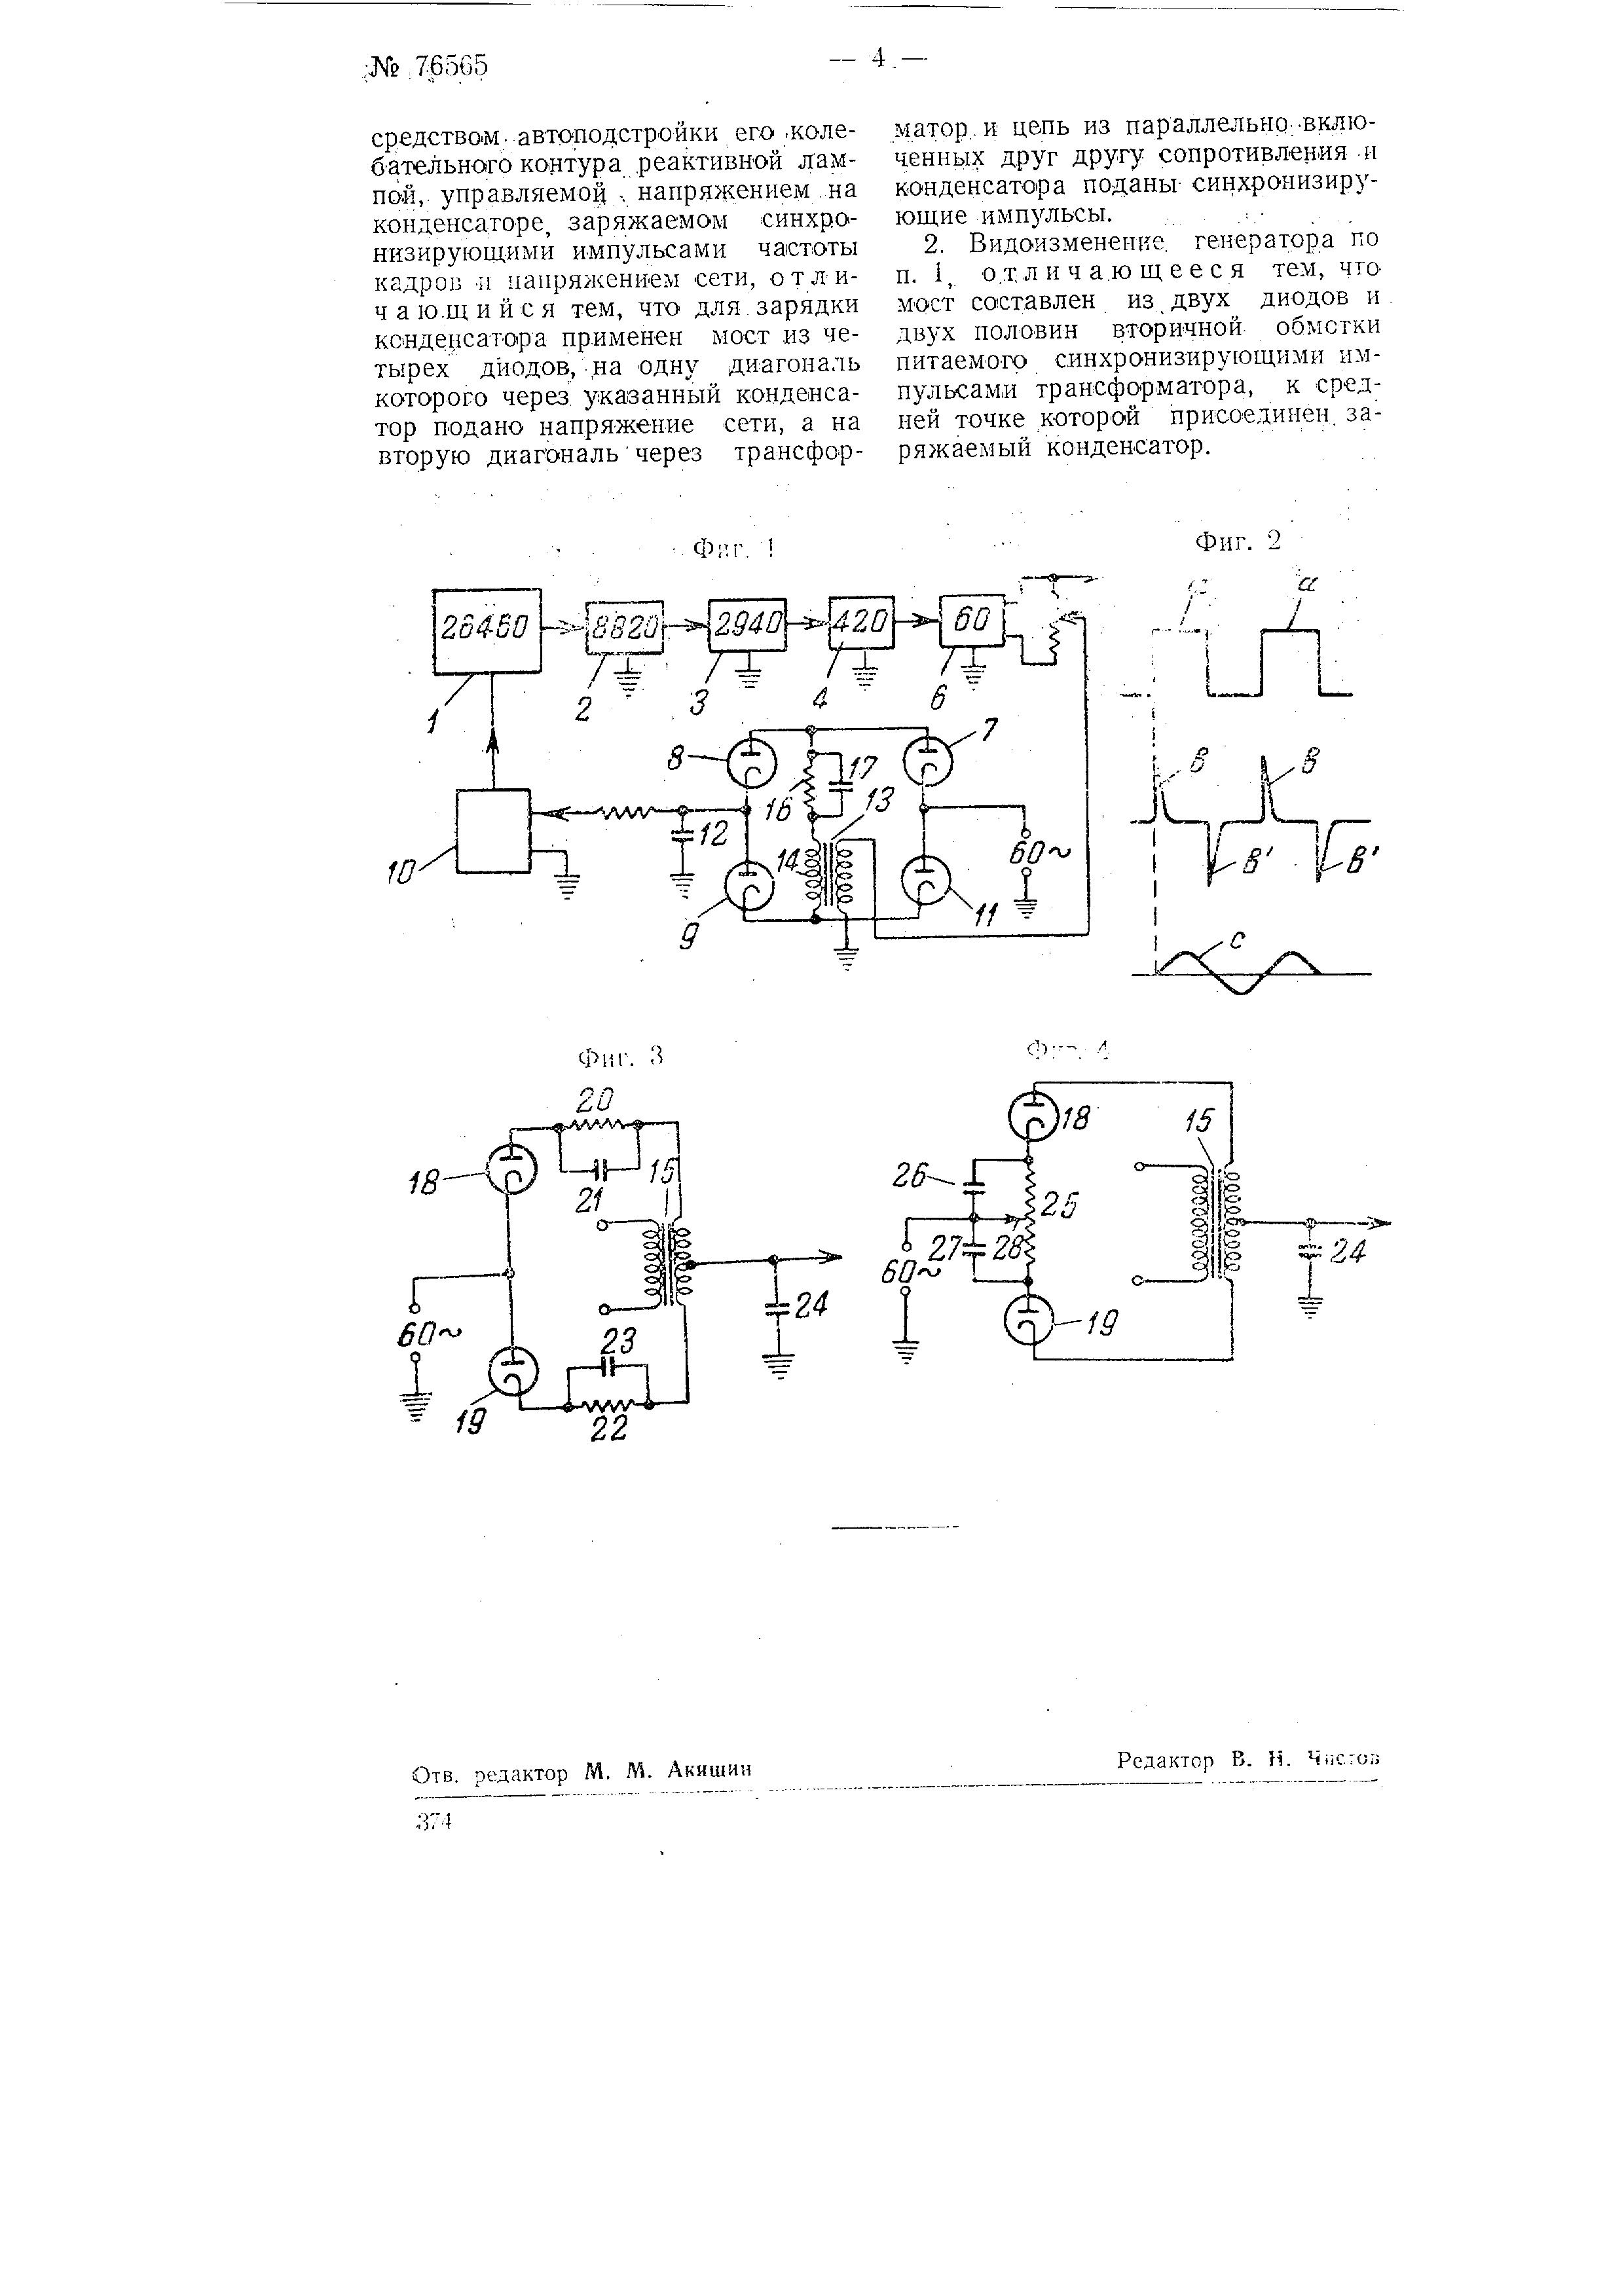 Синхронизация генераторов 2